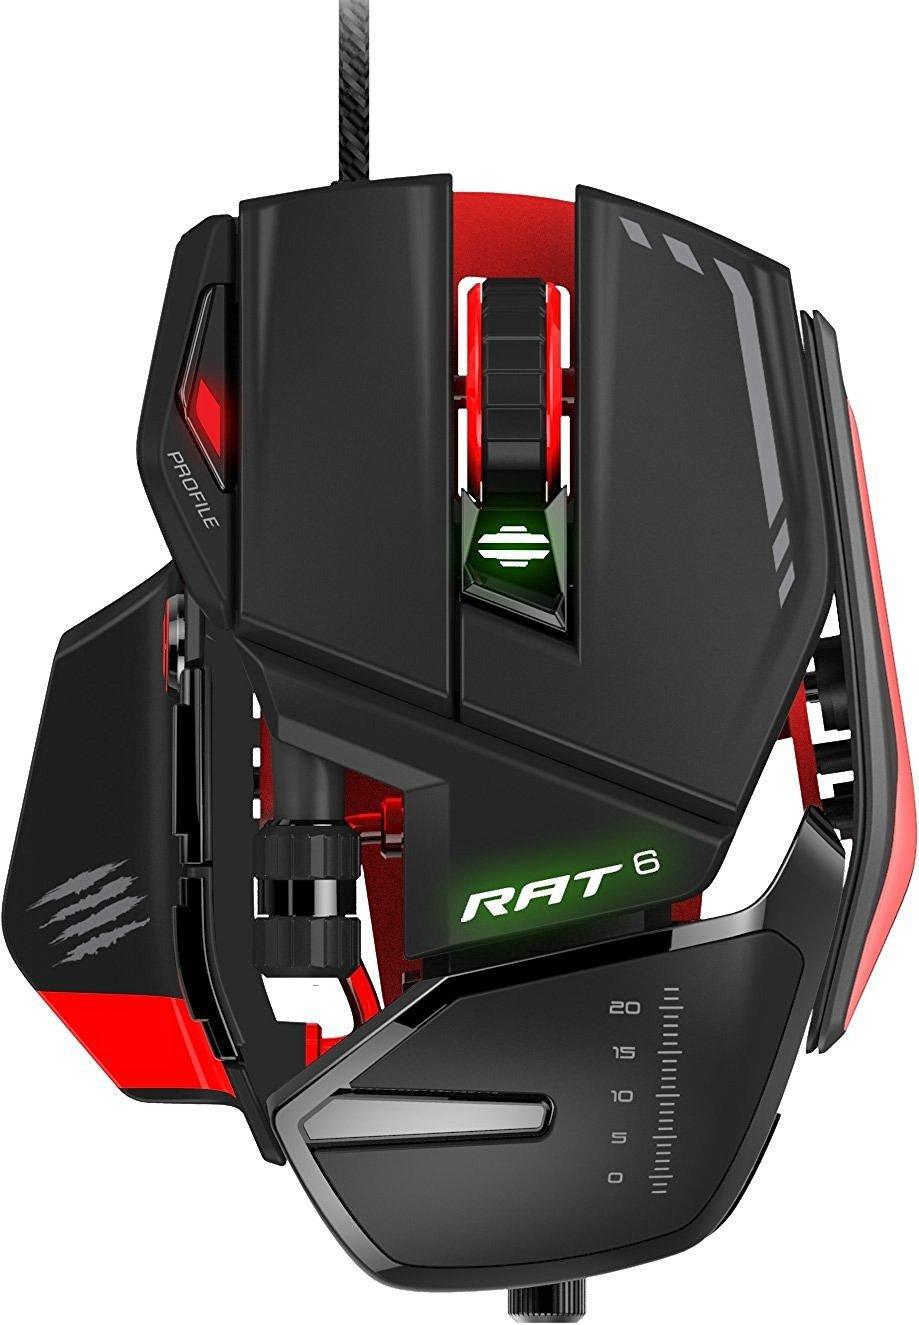 Mad Catz RAT 6 Gaming Maus 8.200 dPi + 11 Tasten [Amazon]